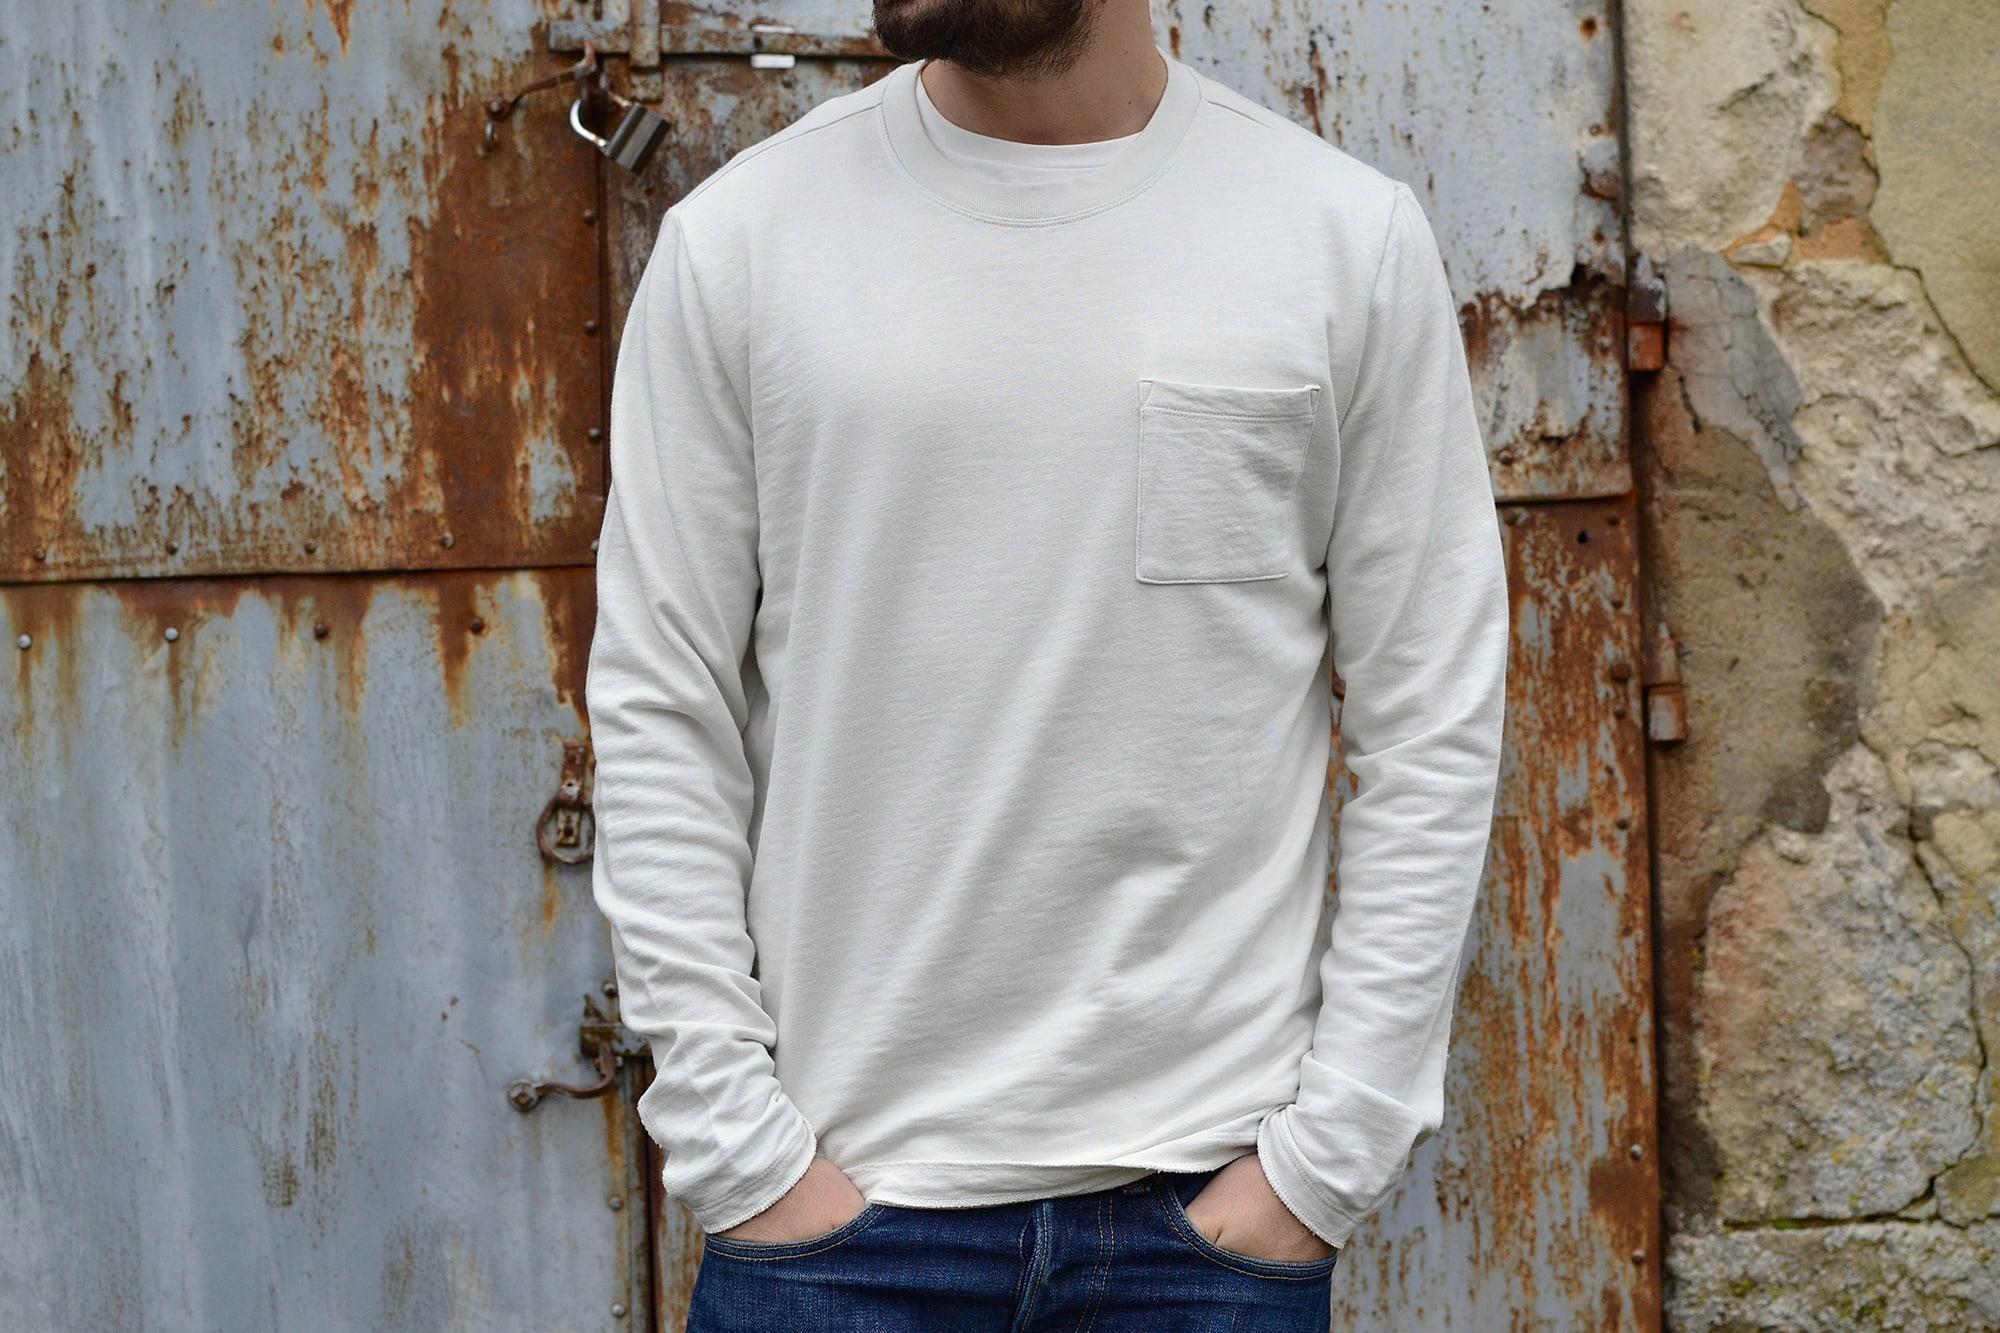 GAP un bon choix de sweat / hoodie blanc cassé / rose / violet / lavande pour un homme